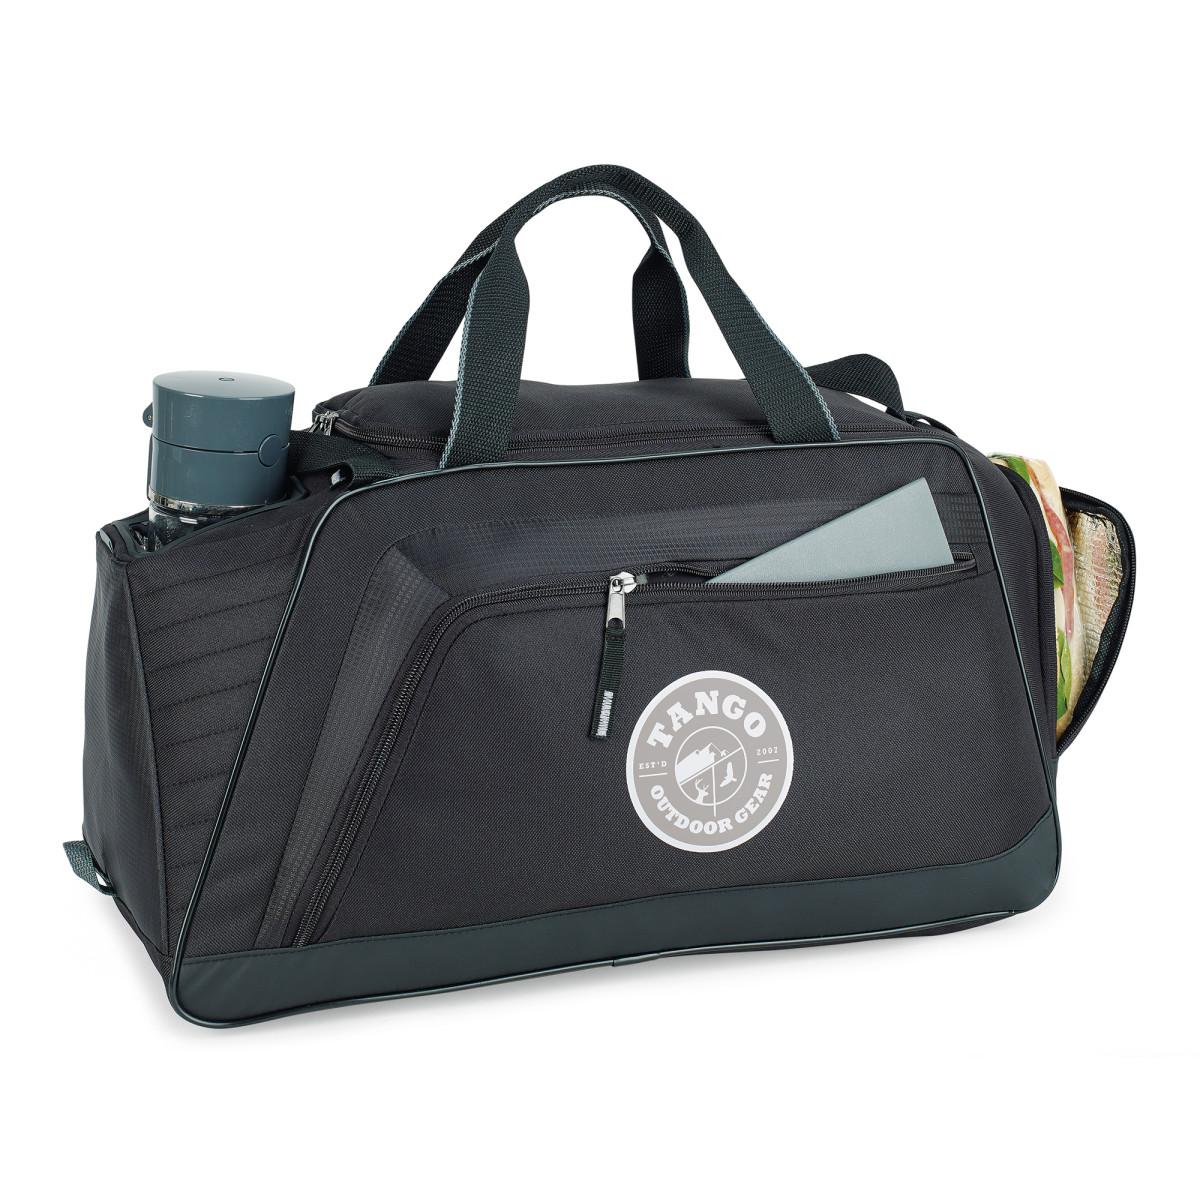 Gemline 4270 - Spartan Sport Bag